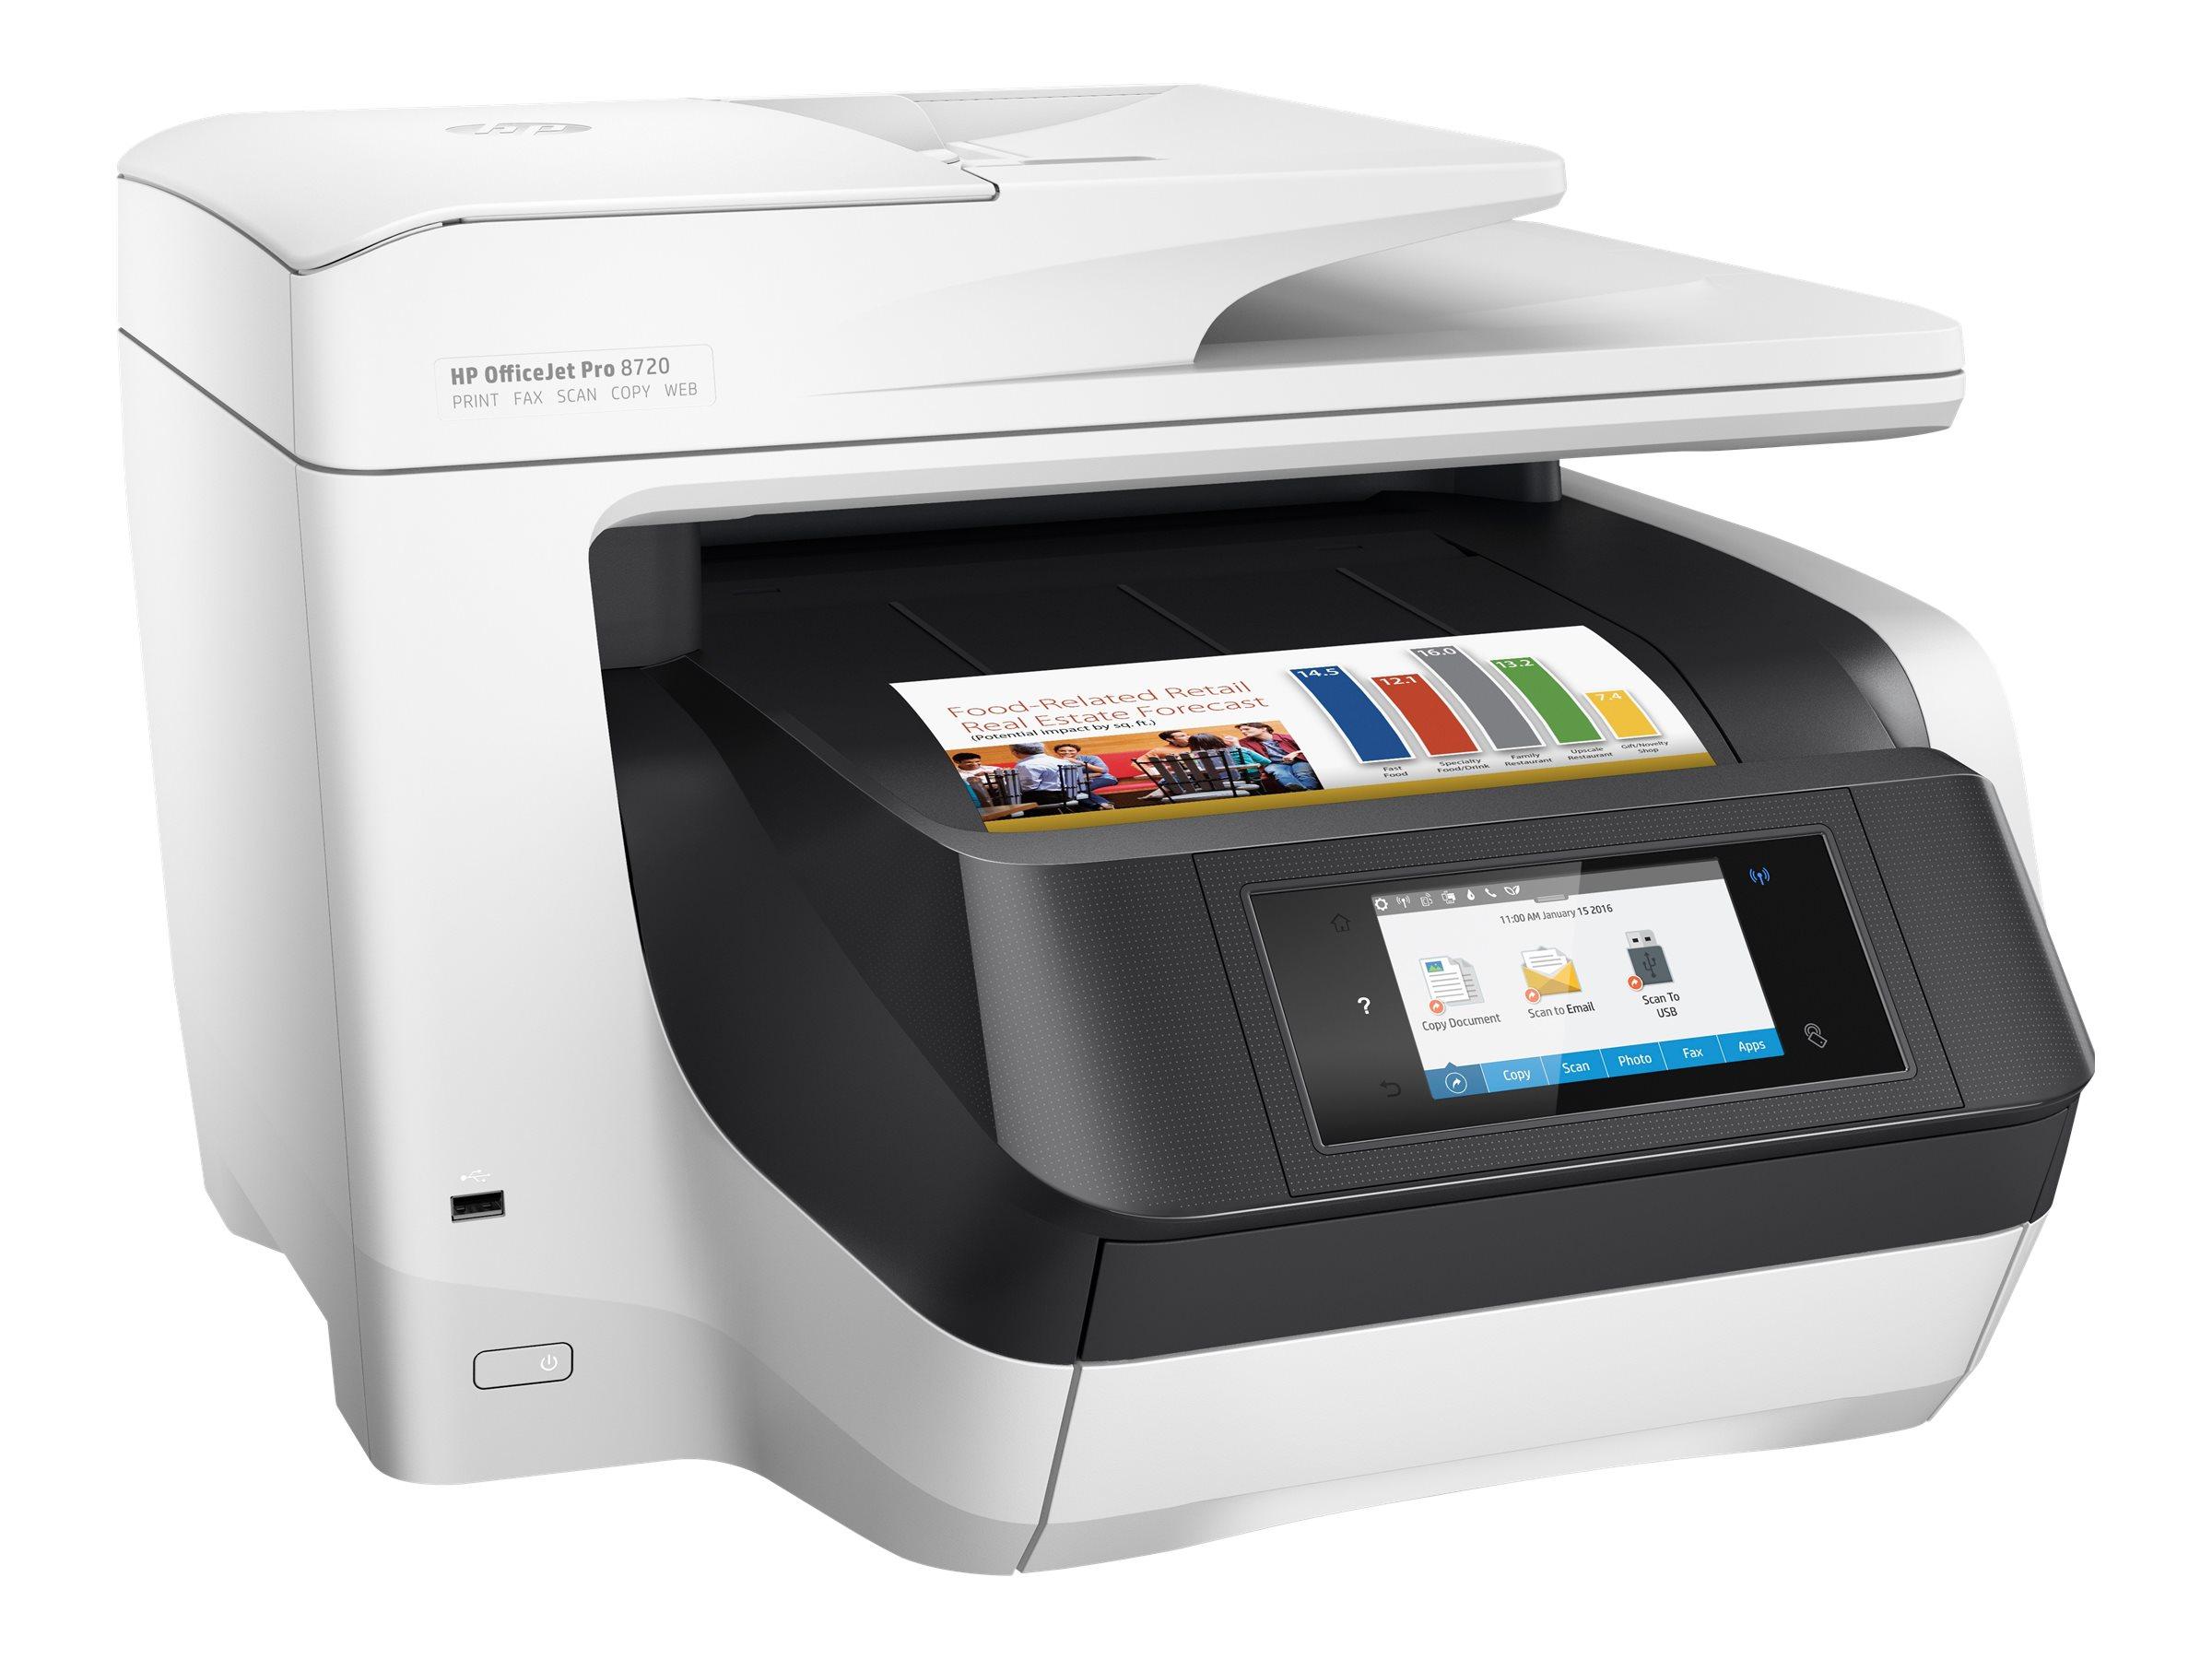 DCS - Blækprintere - HP Officejet Pro 8720 All-in-One